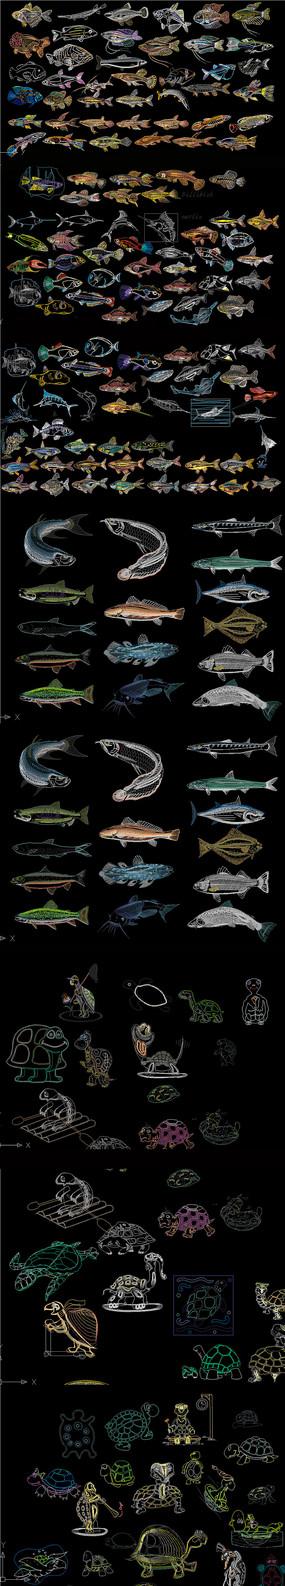 炫彩鱼 海洋海洋生物CAD图库